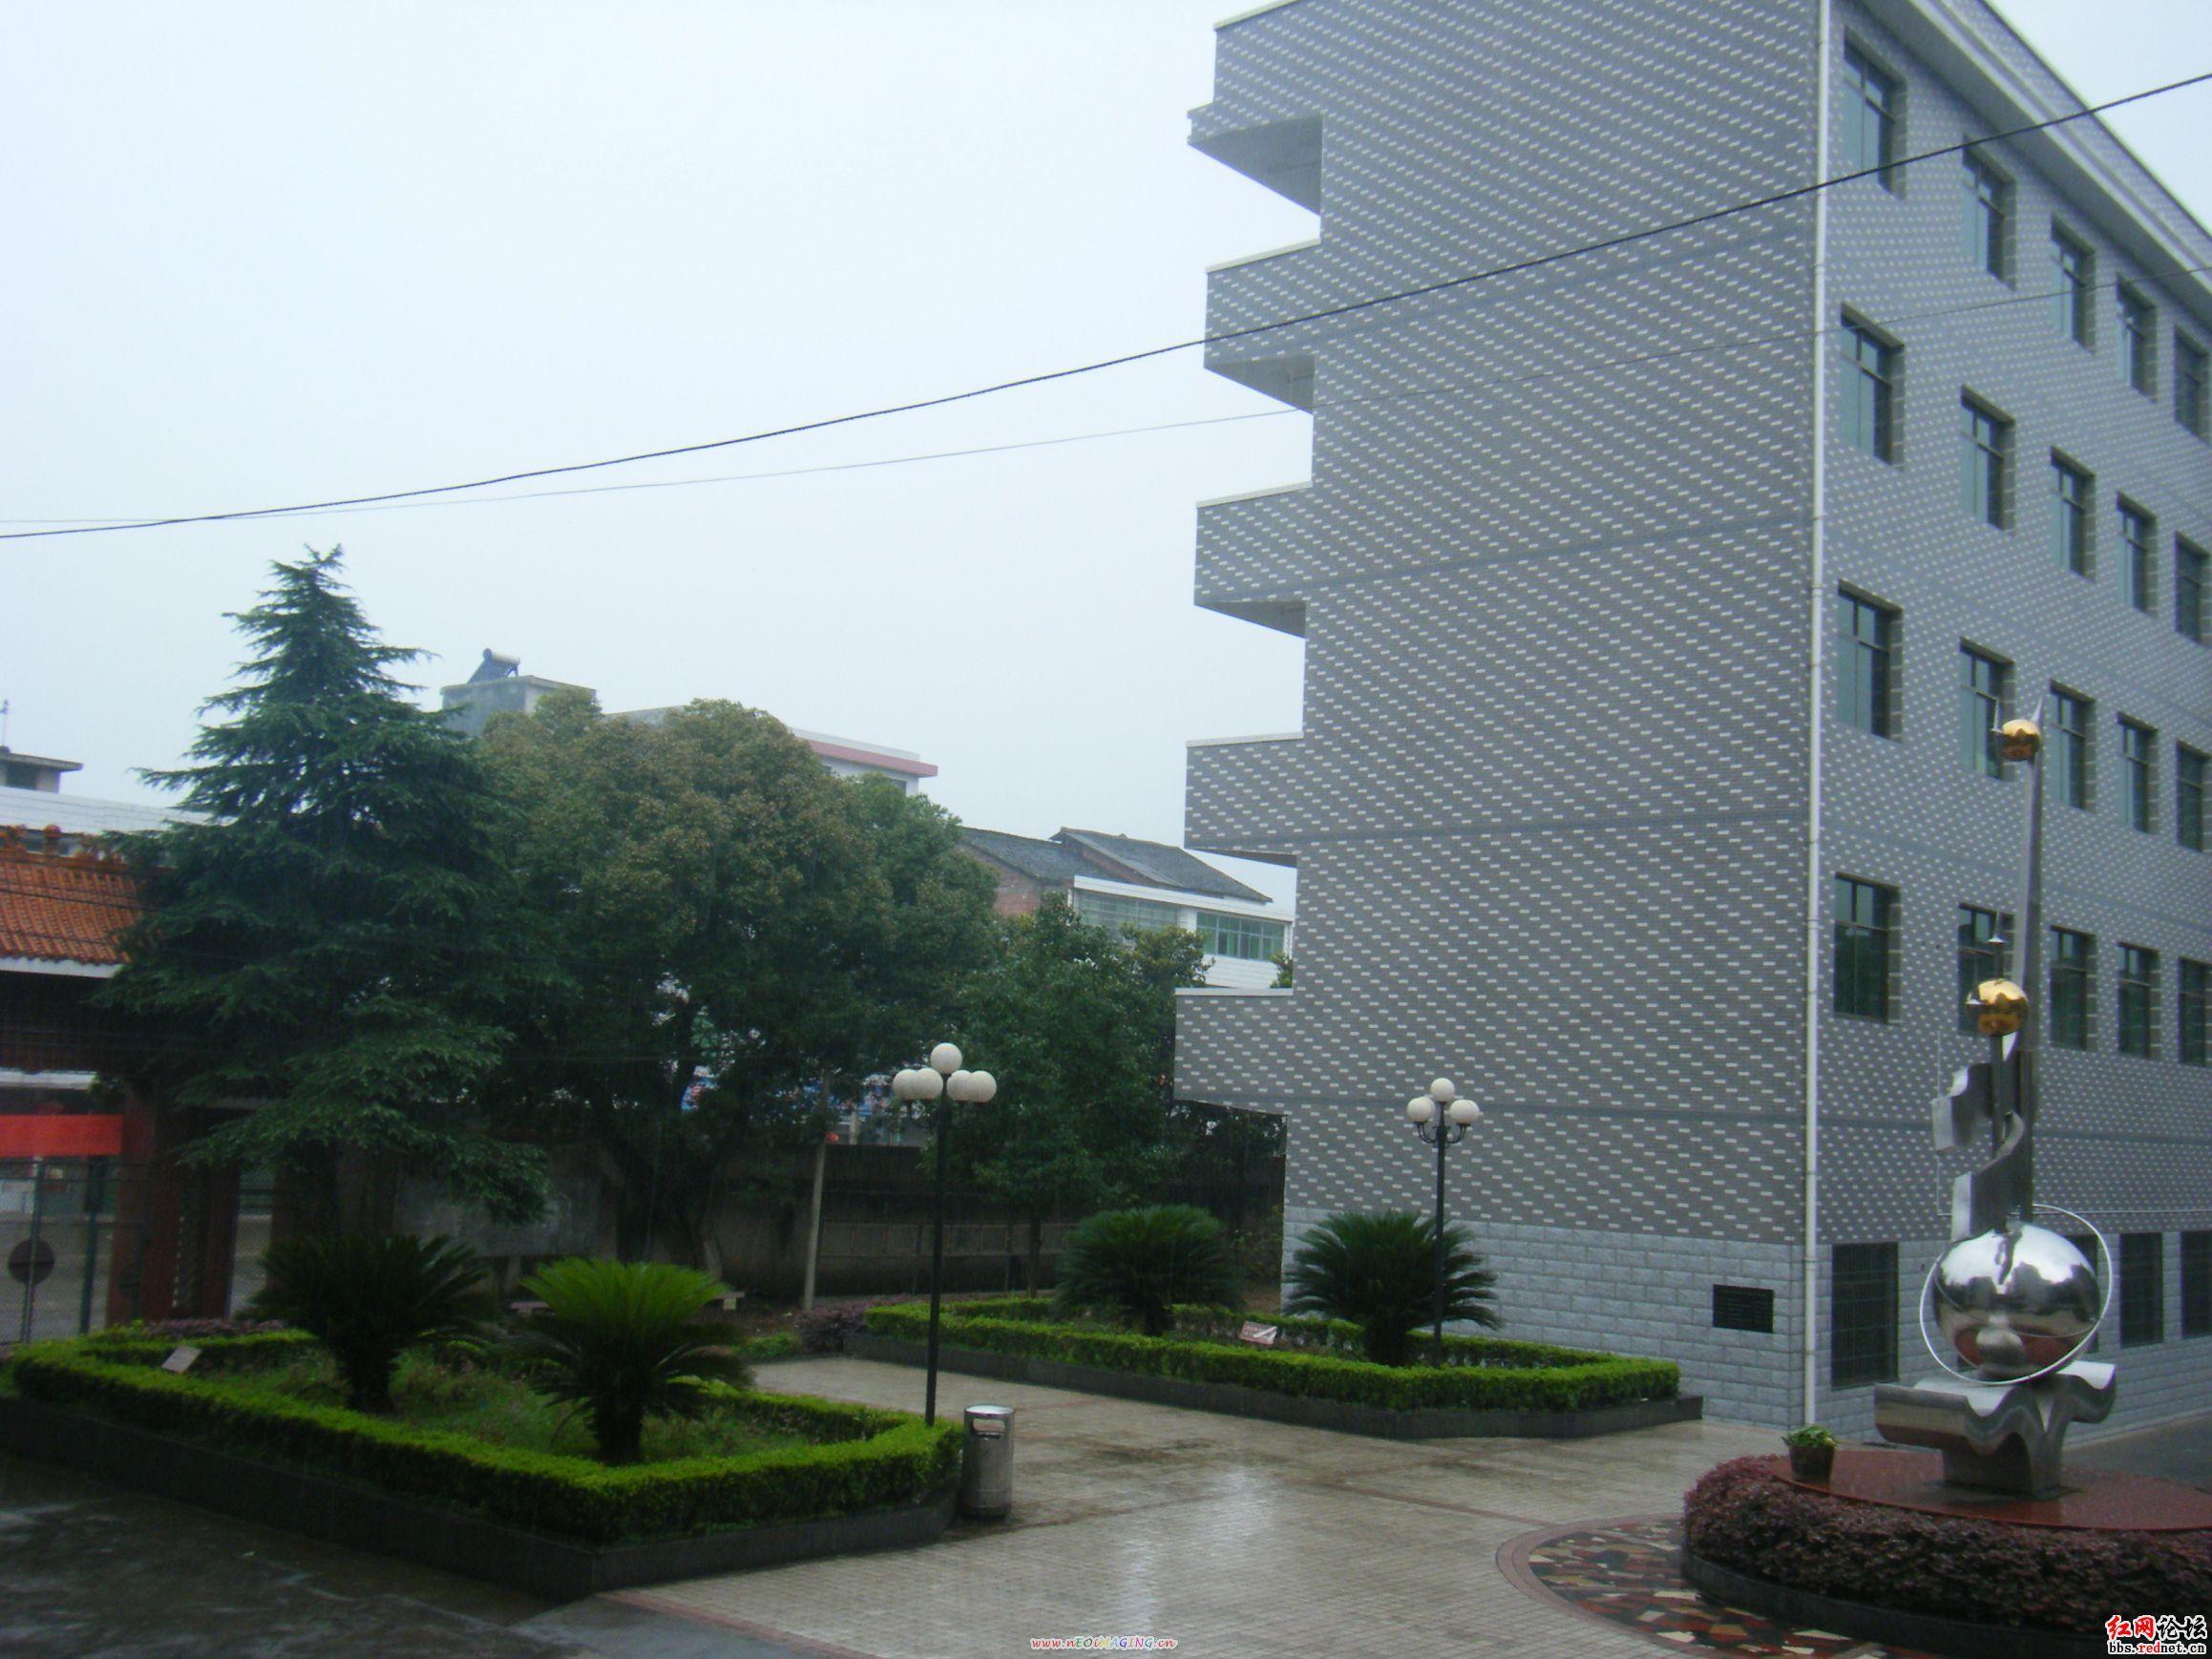 原名凤凰山,南岳七十二峰之一,位于衡南,衡阳,祁东三县交界处,海拔570